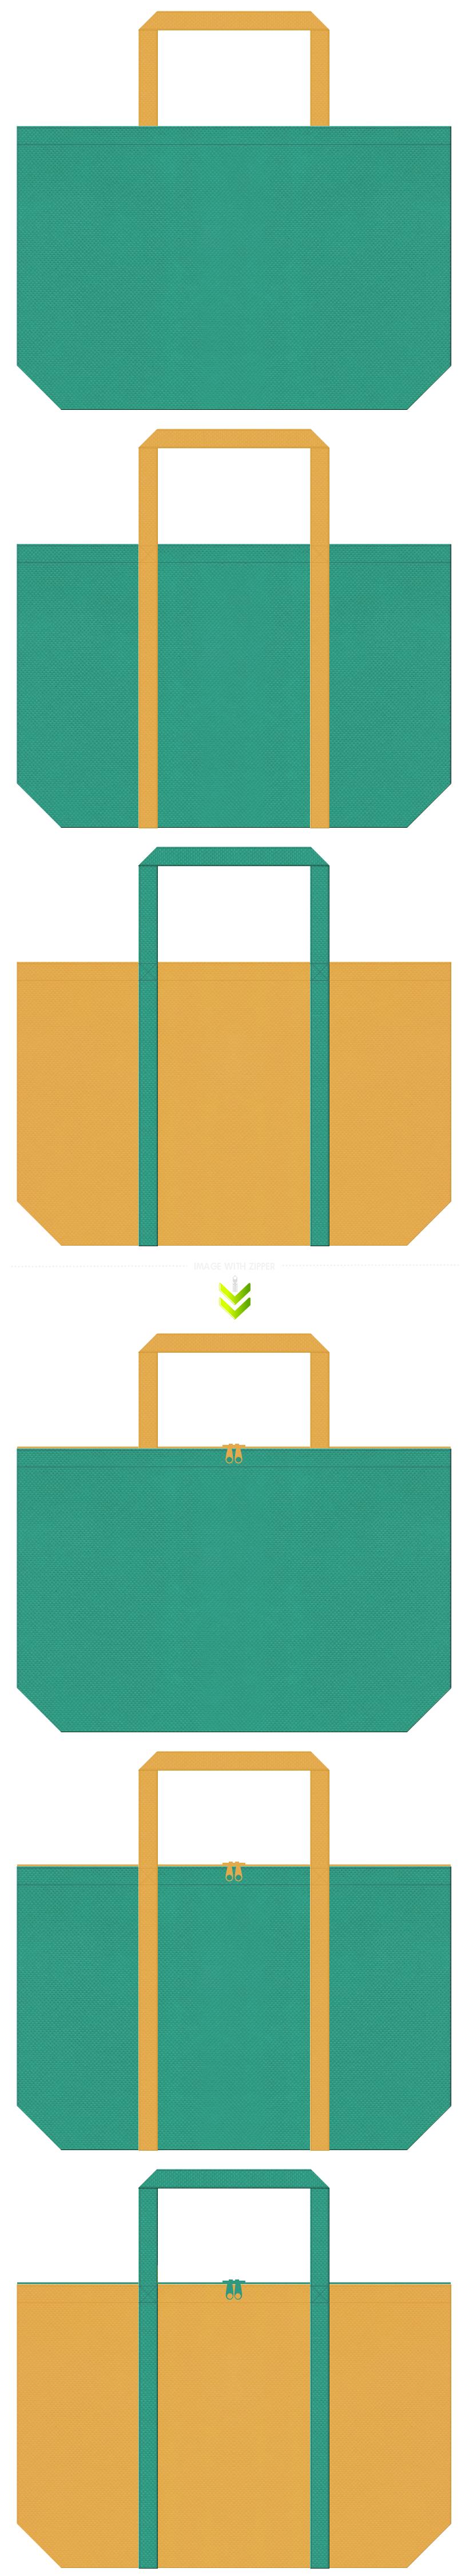 青緑色と黄土色の不織布エコバッグのデザイン。